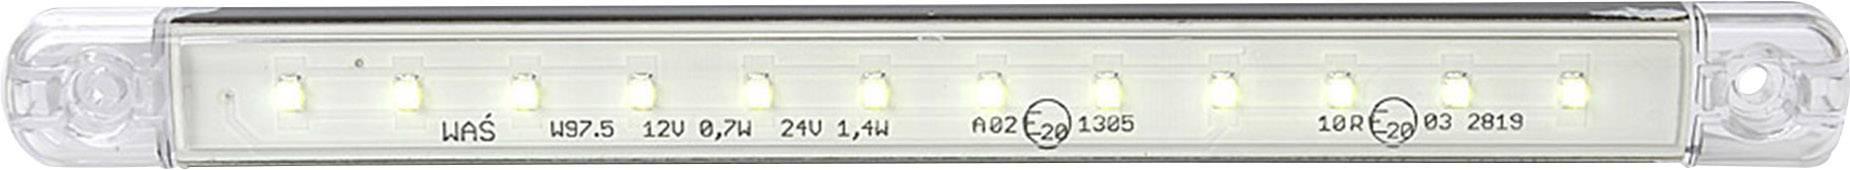 Zadní LED obrysové světlo SecoRüt, 95722, dlouhé, bílá/transparentní